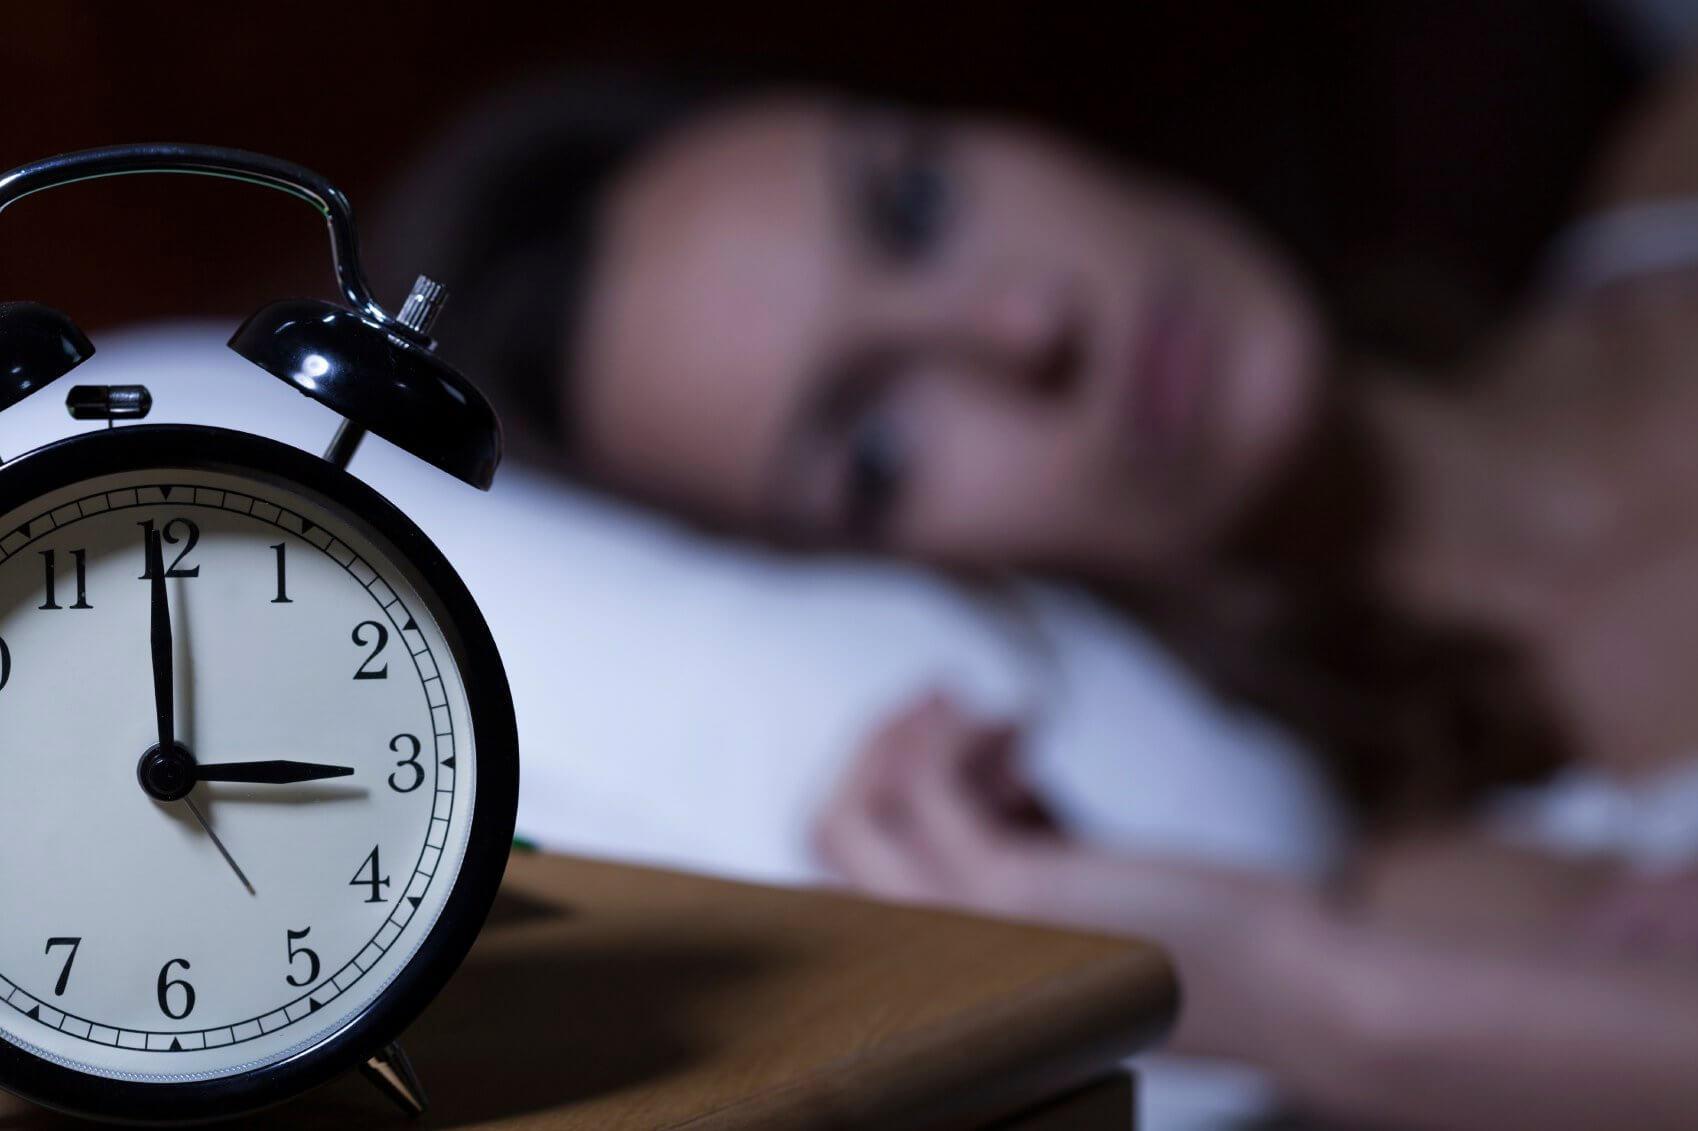 Te weinig slapen kan leiden tot angstgevoelens